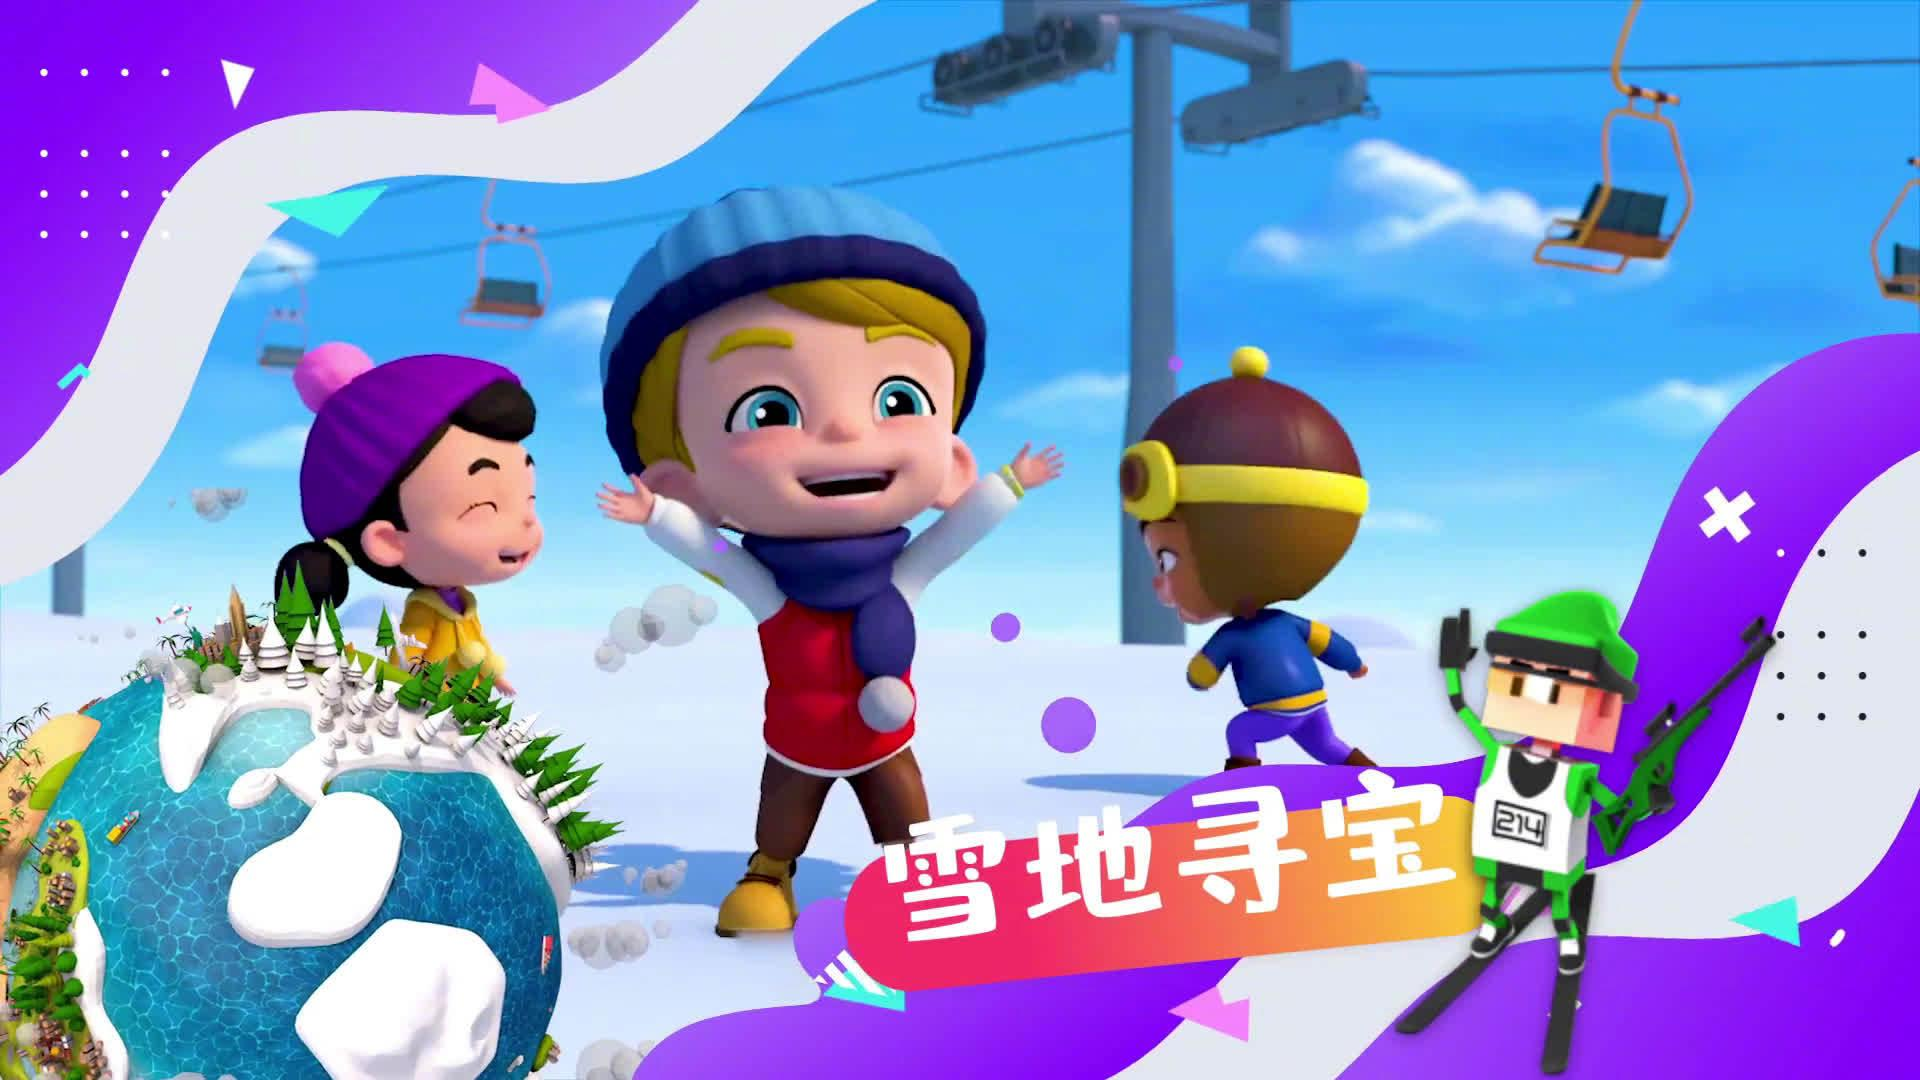 相约北京青少年迷你冬奥会火热开启 六项冰雪赛事启动报名